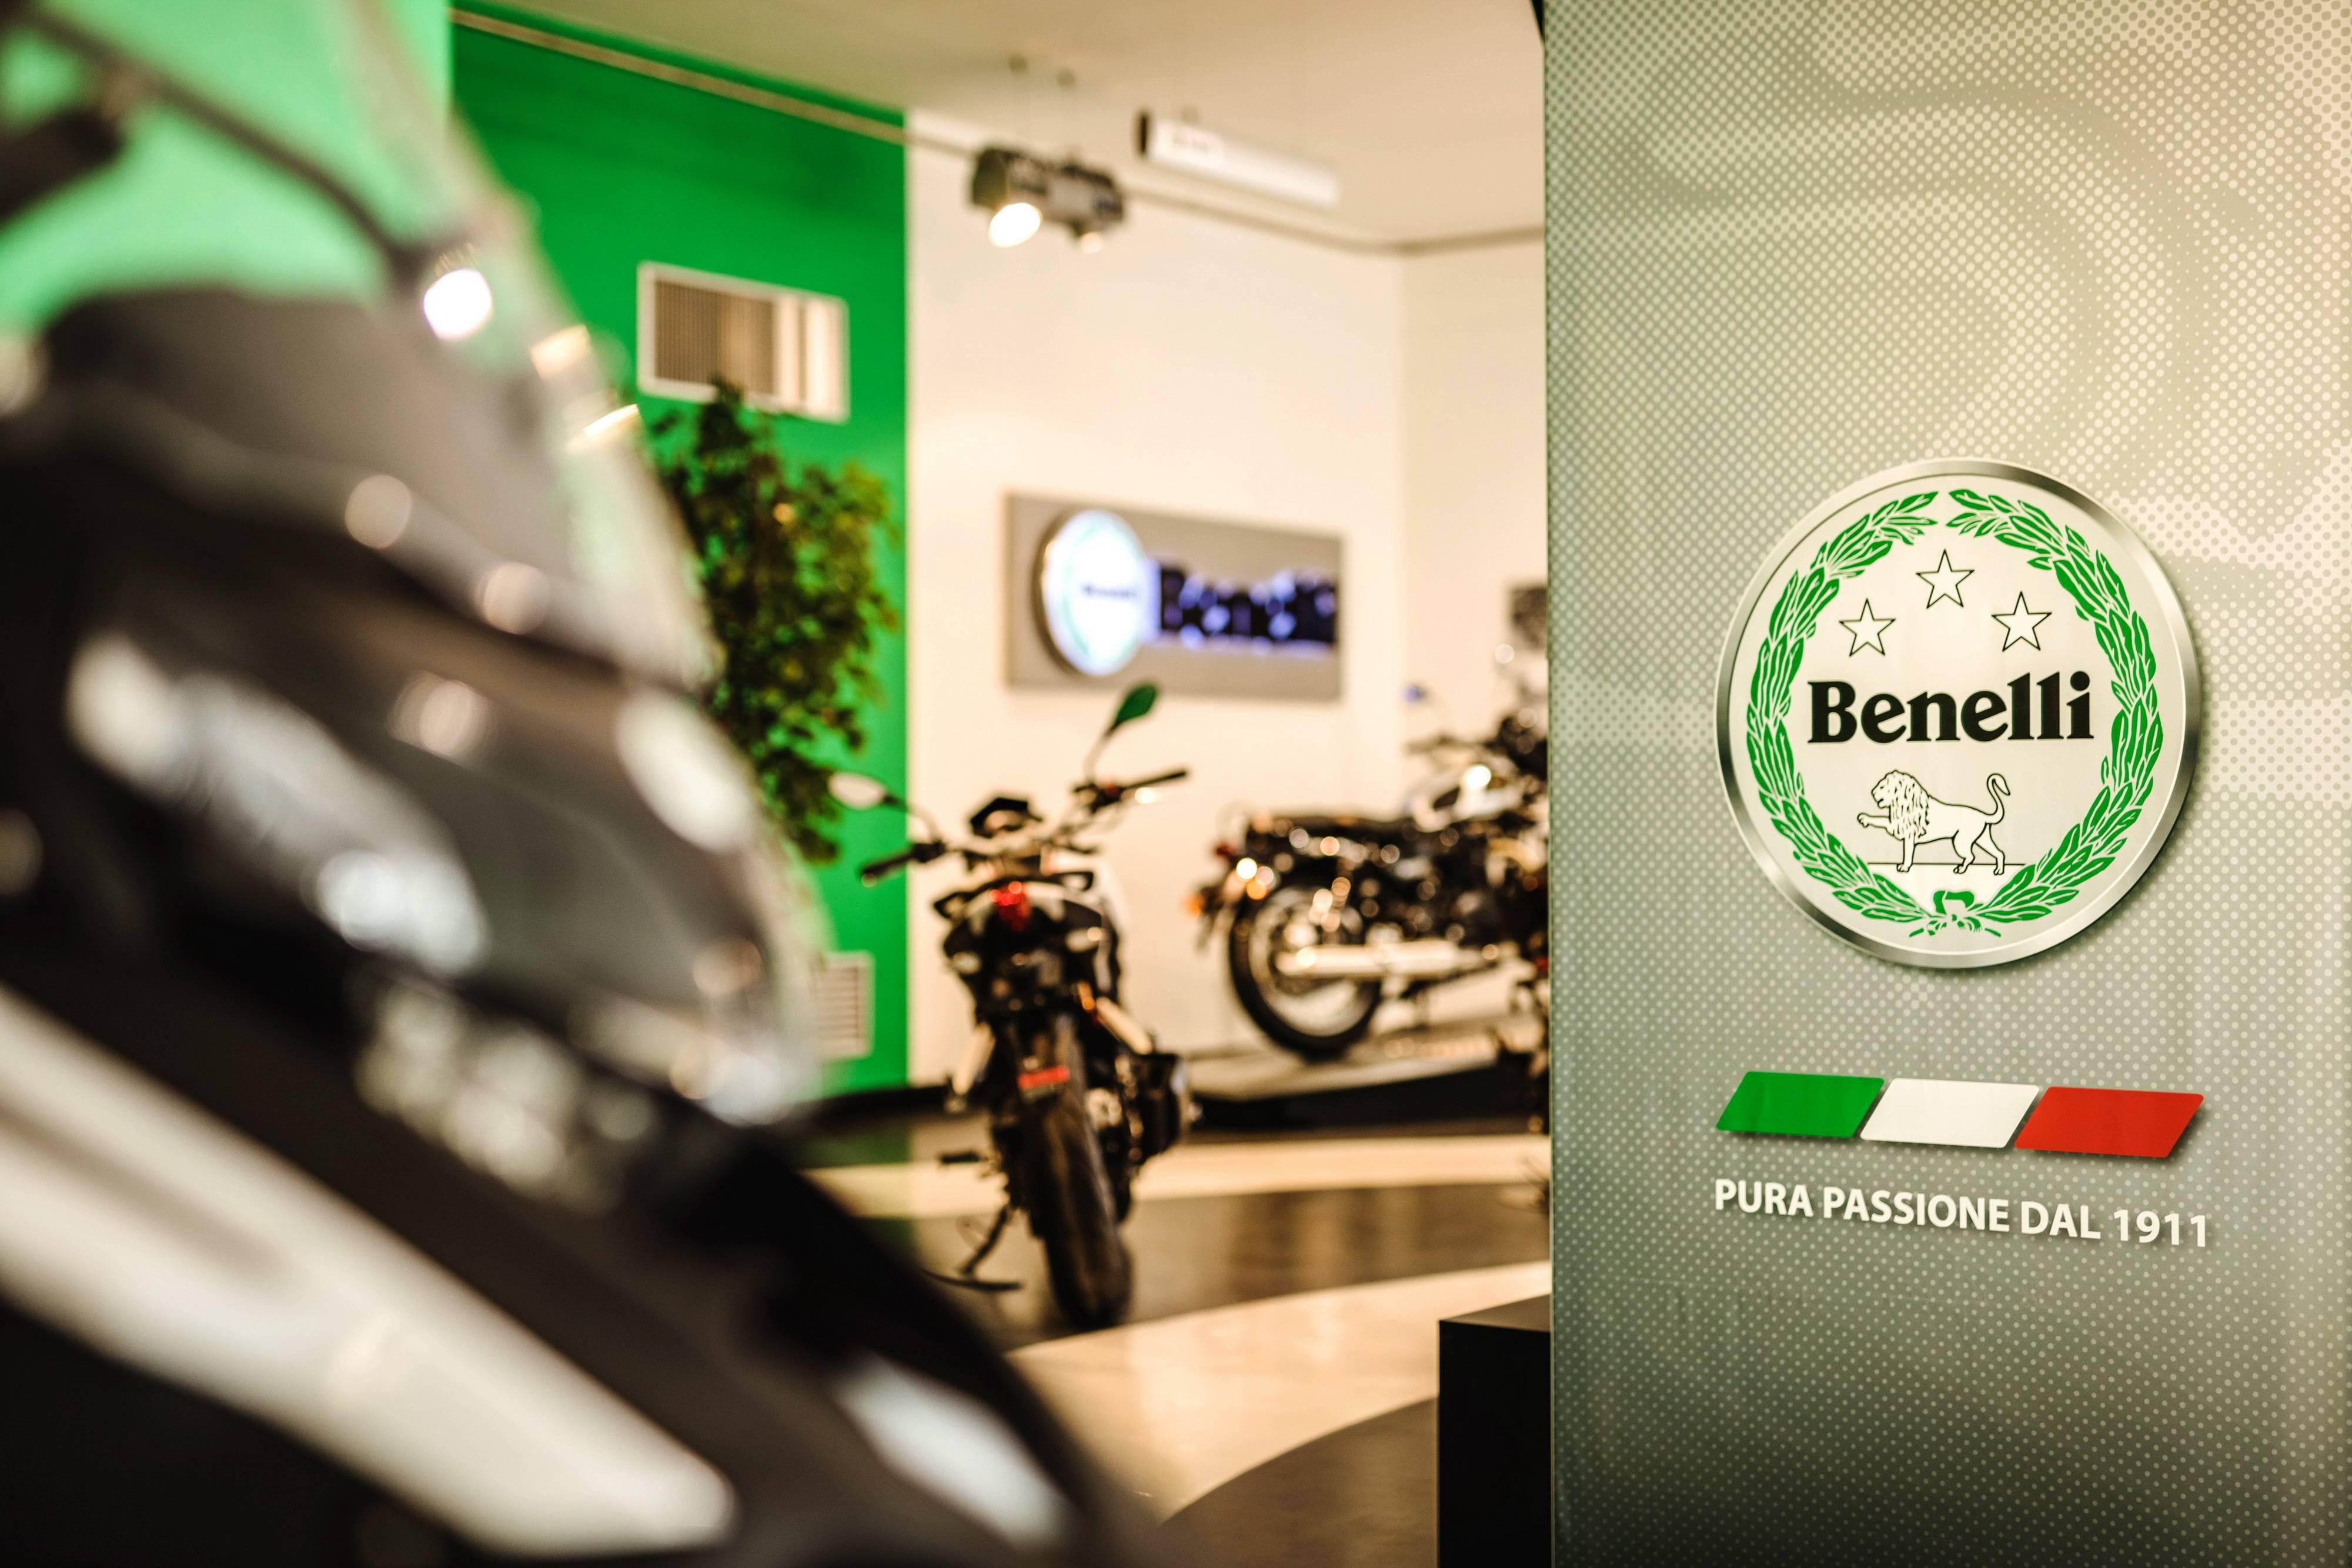 贝纳利在意大利的新陈列室、设创立一百一十周年展